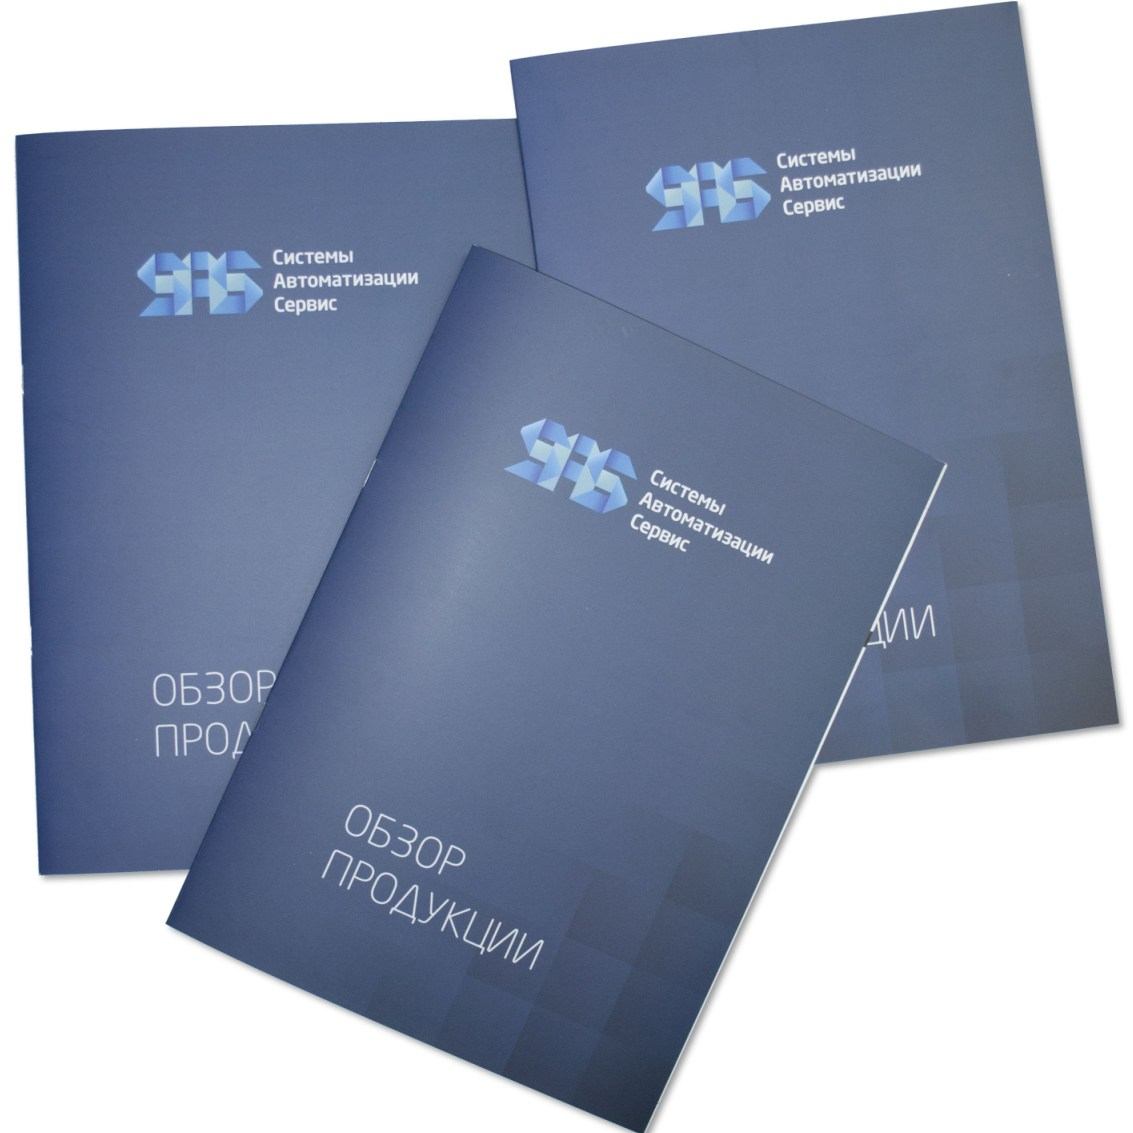 Дизайн та виготовлення рекламних матеріалів до виставки